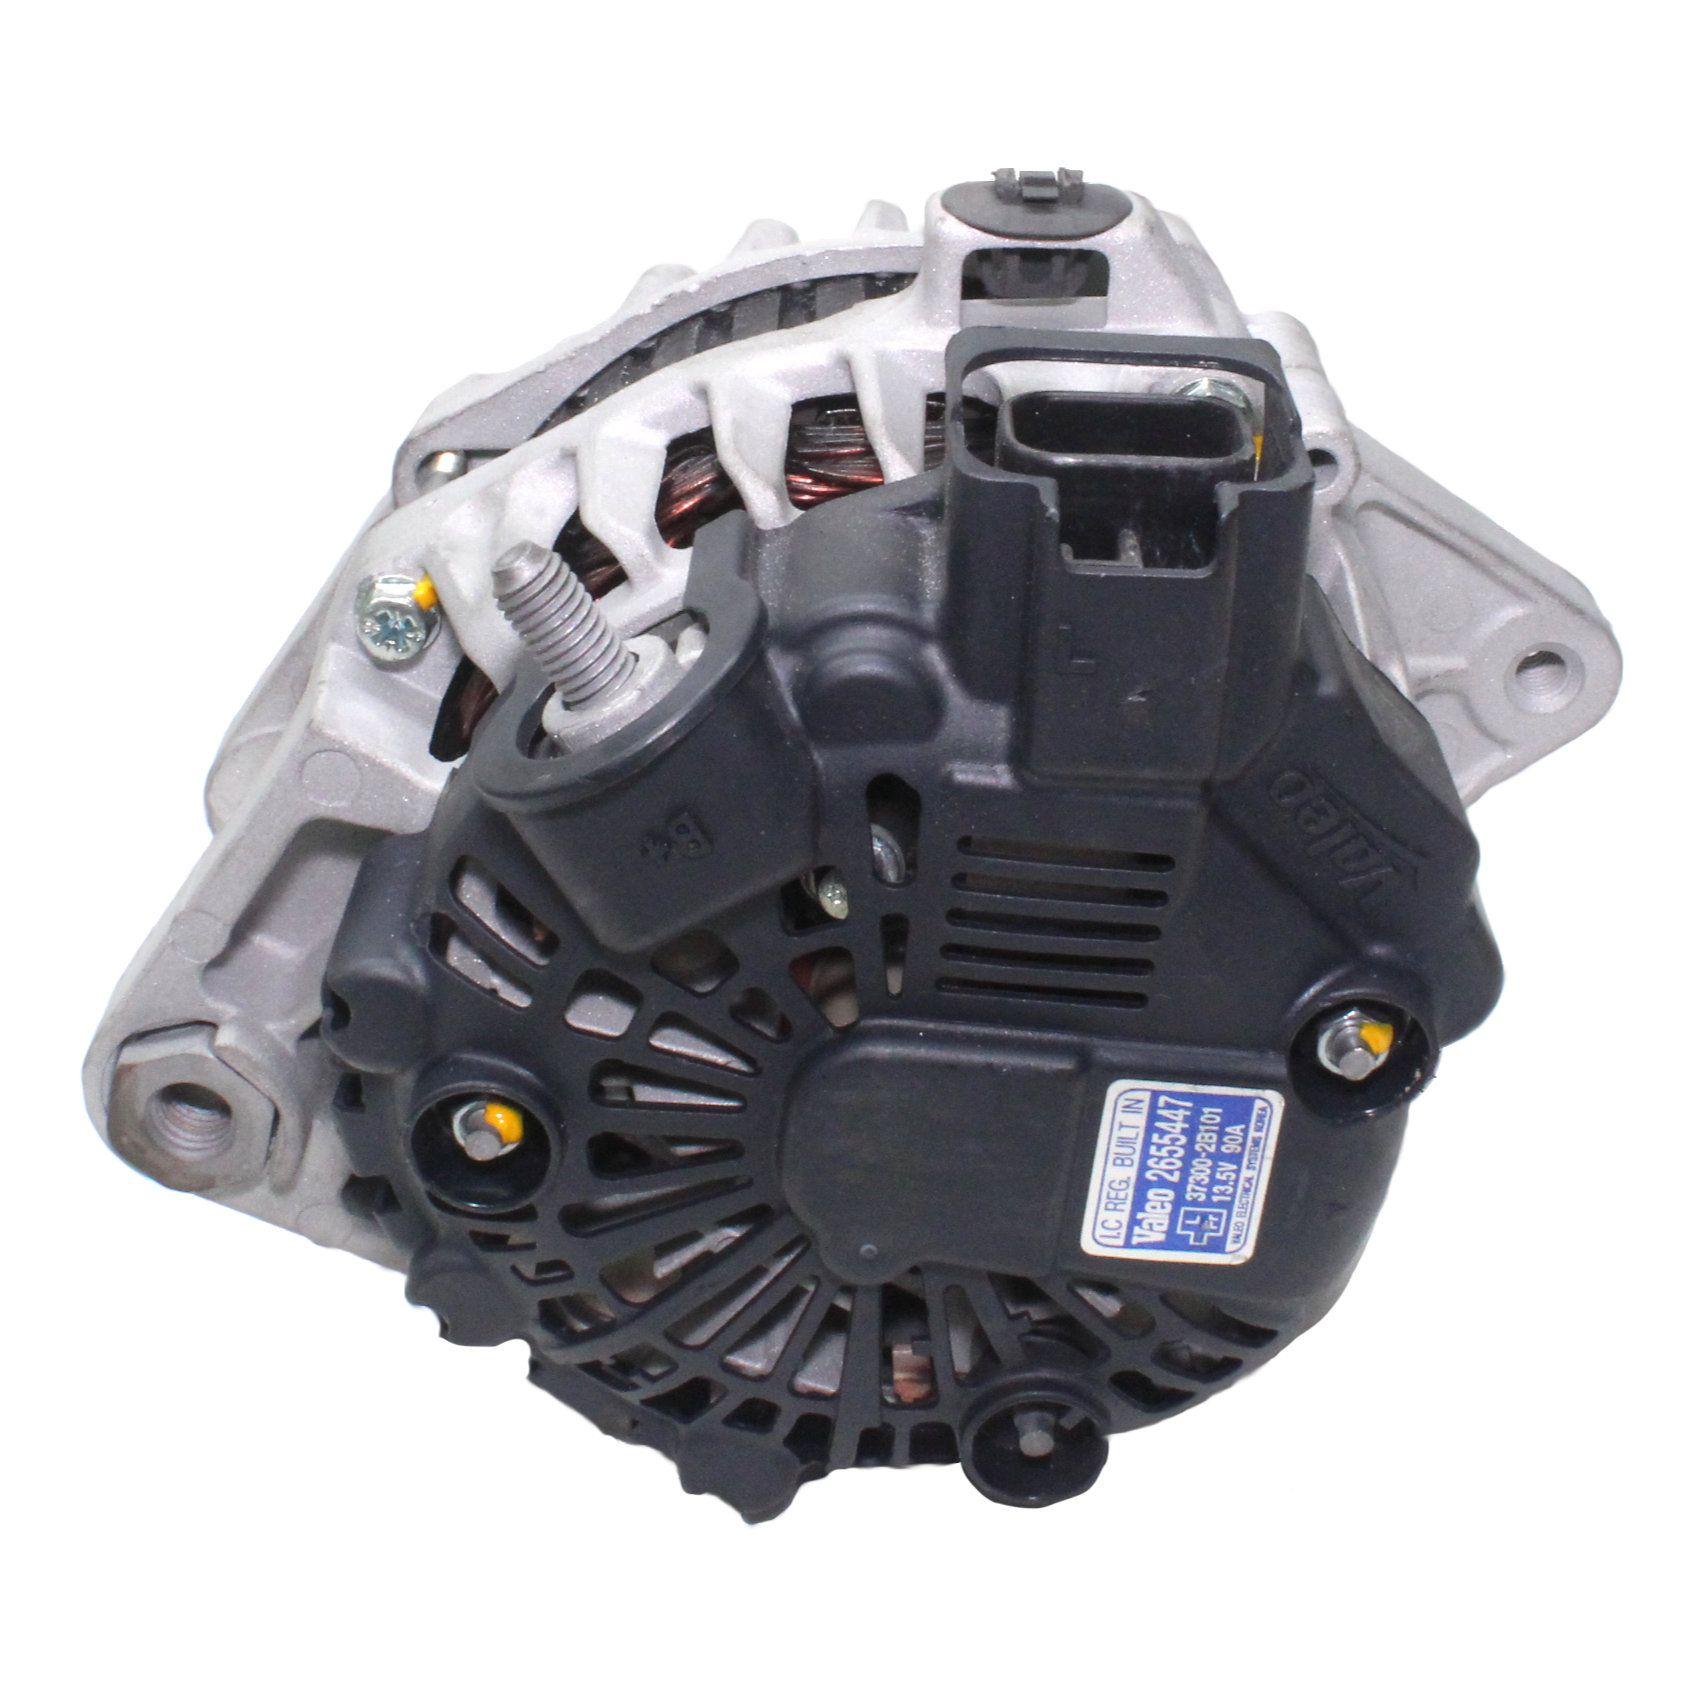 Alternador HB20 I30 Veloster Kia Soul cerato 1.0 E 1.6 373002B101 - Recon